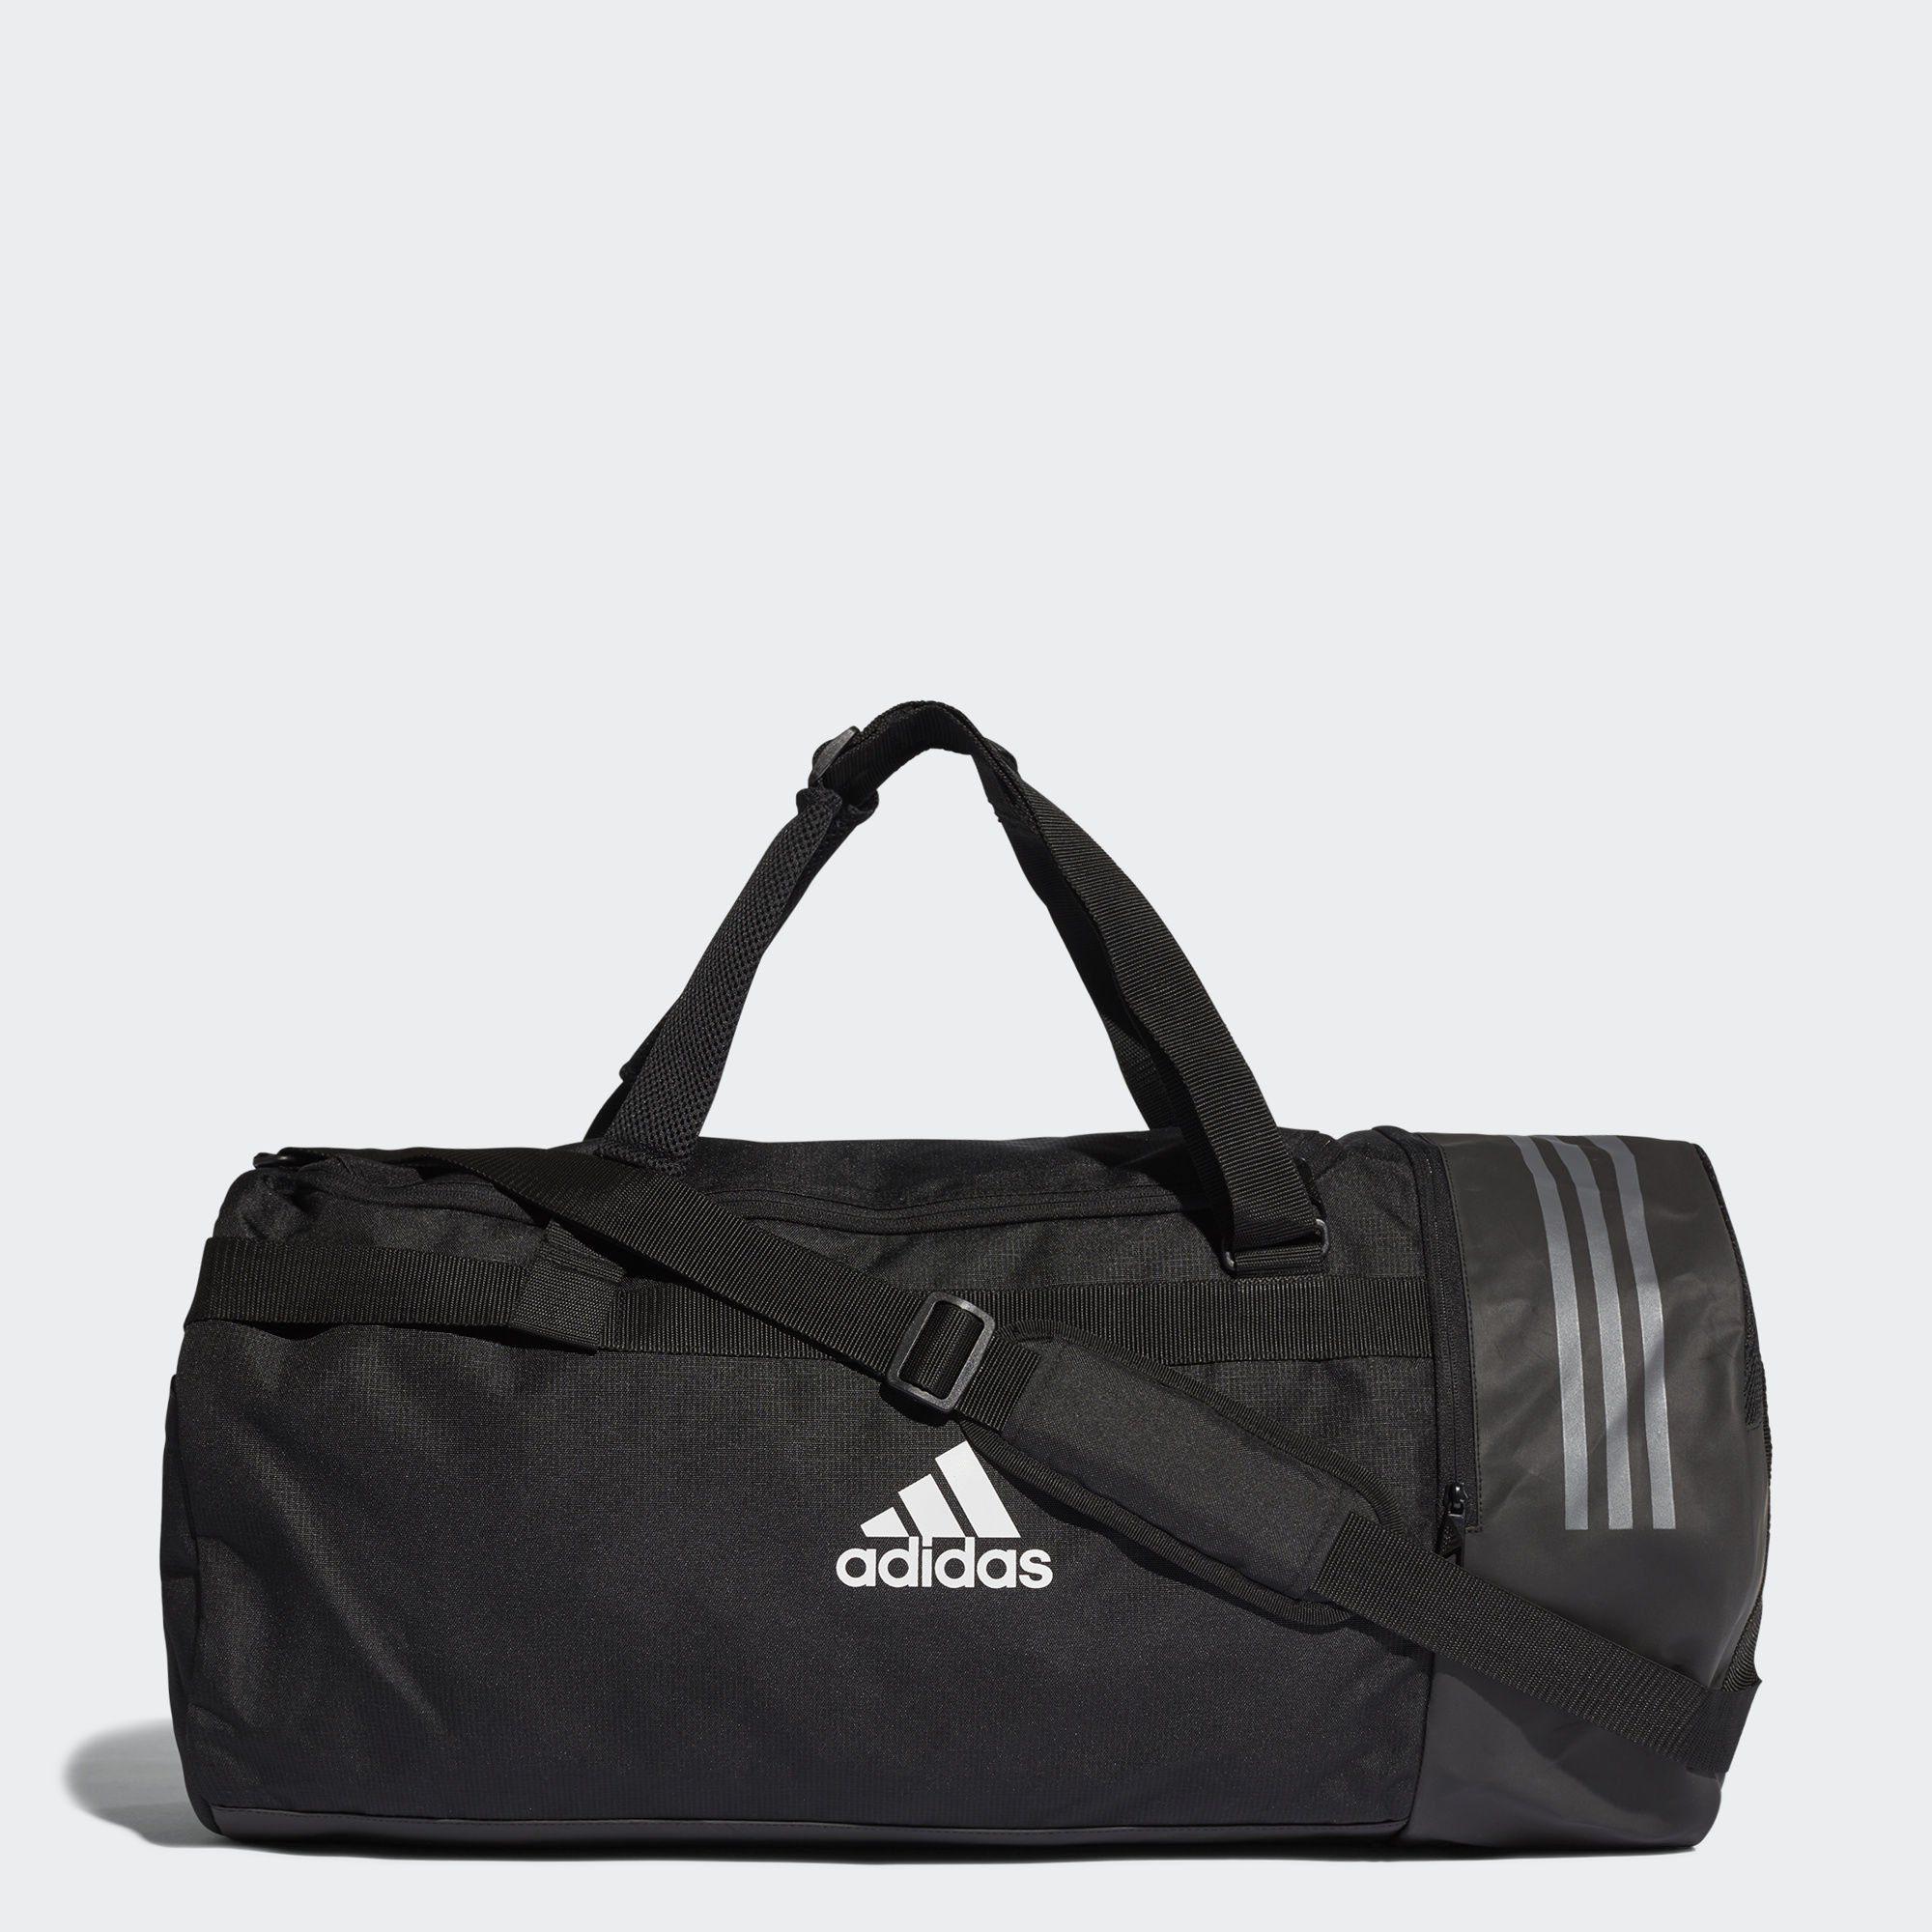 adidas Performance Sporttasche »Convertible 3-Streifen Duffelbag L«